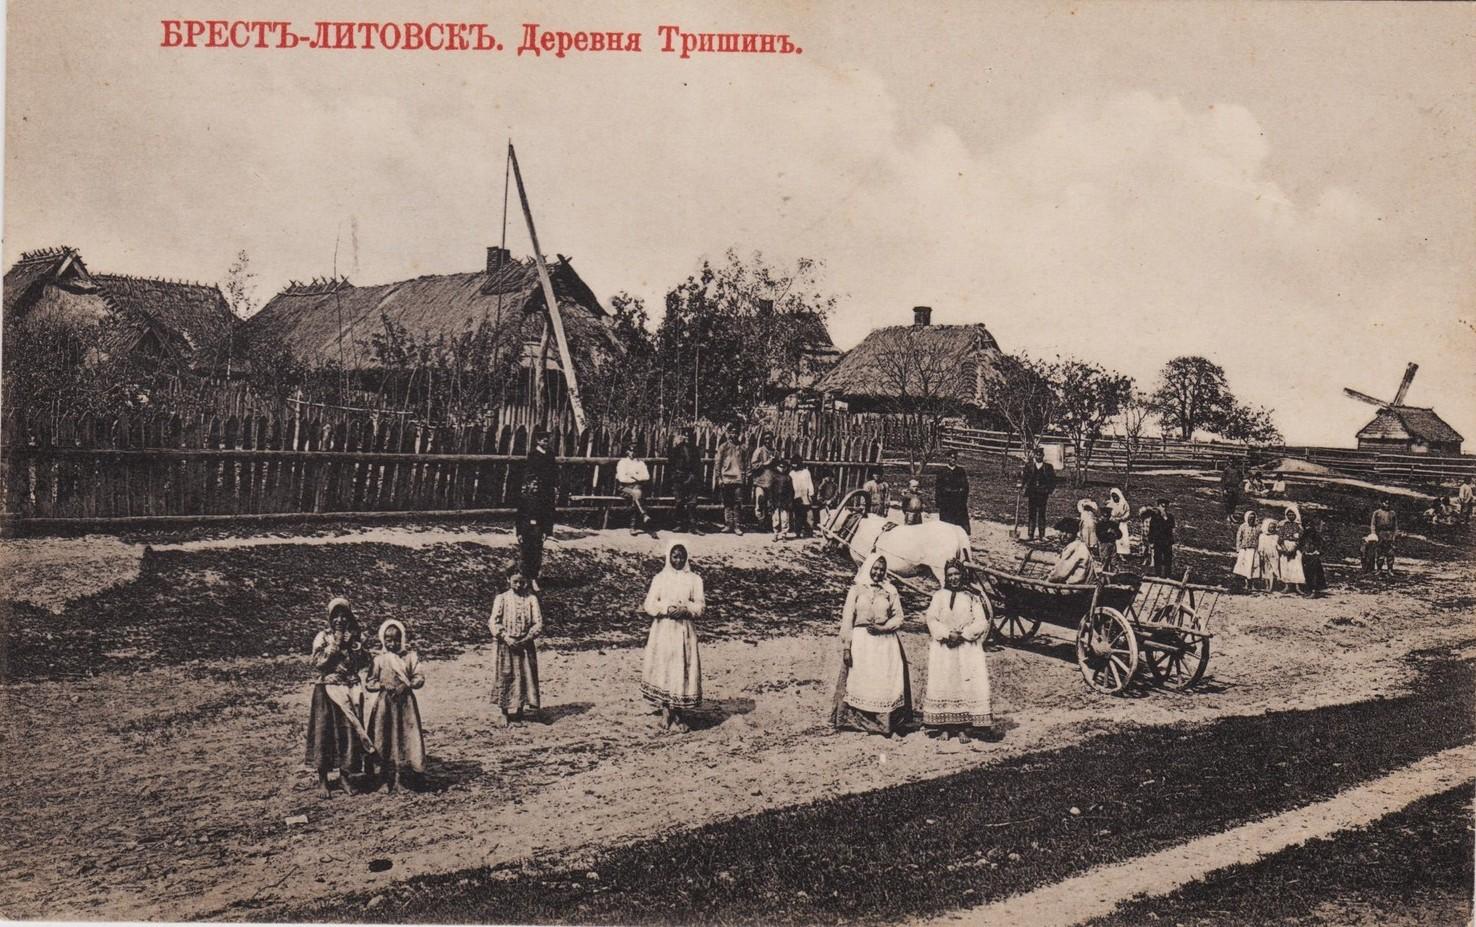 Окрестности Бреста. Деревня Тришин